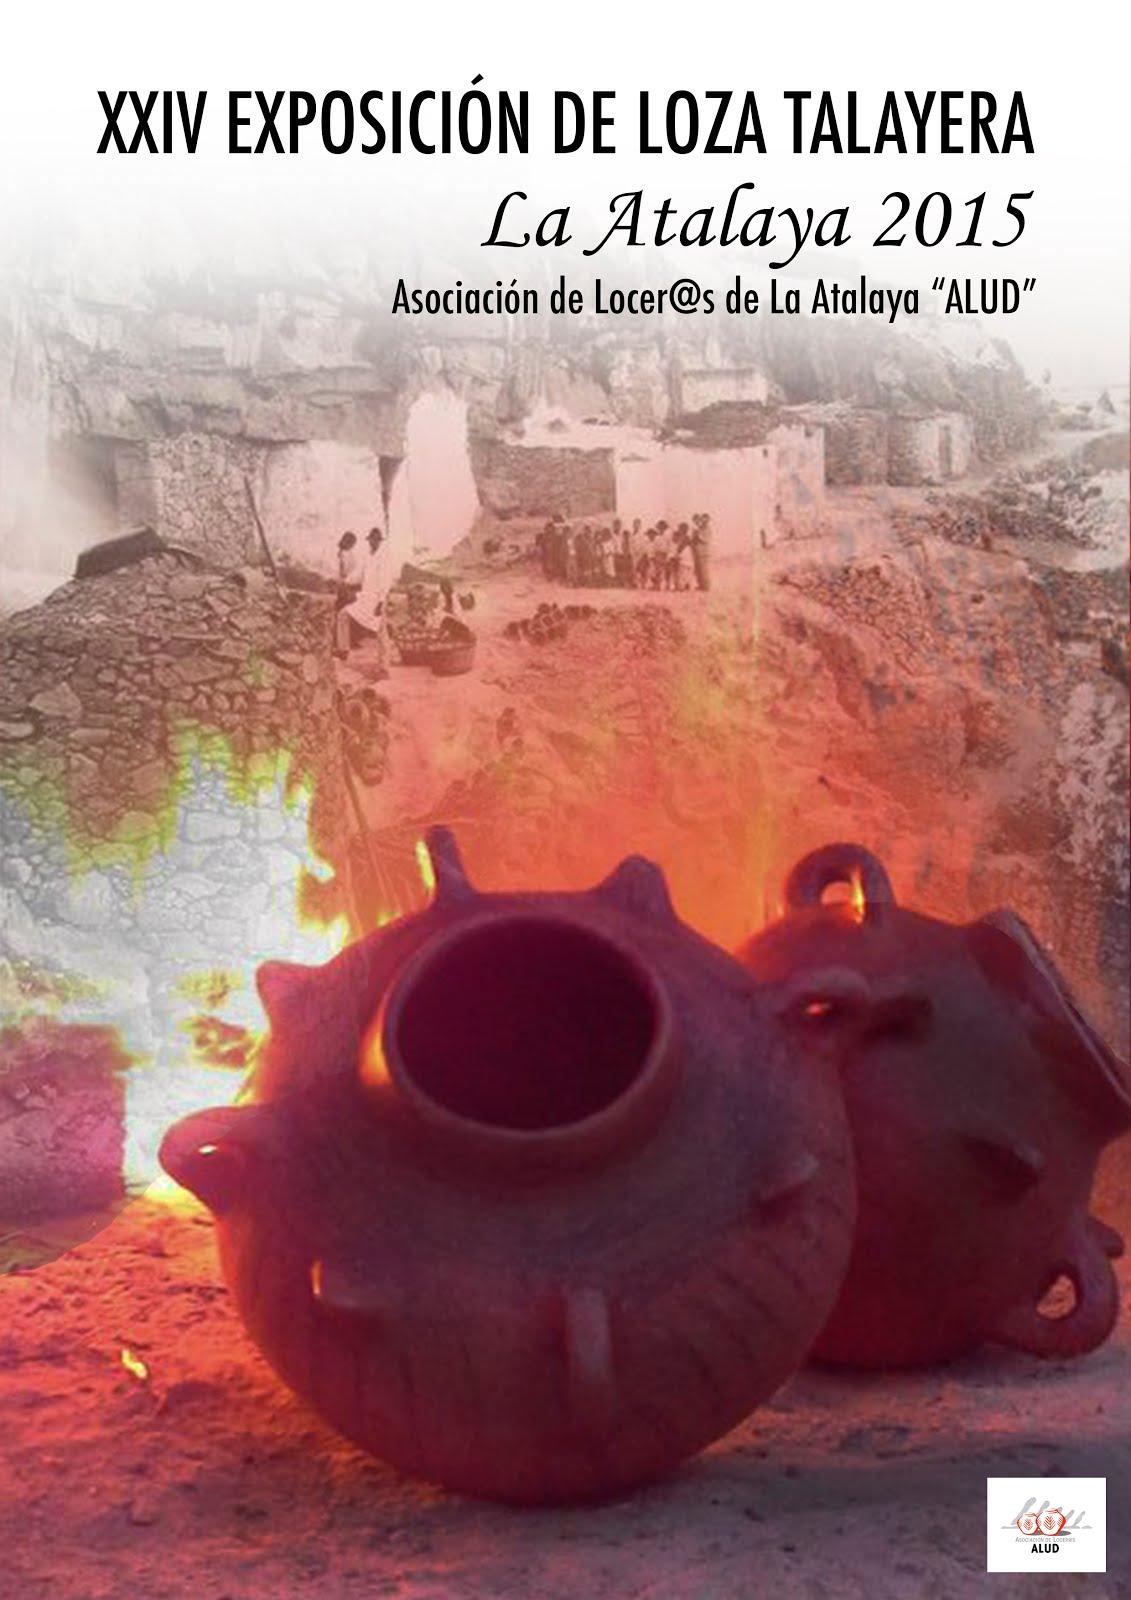 """""""XXIV EXPOSICIÓN DE LOZA TALAYERA""""_La Atalaya 2015"""